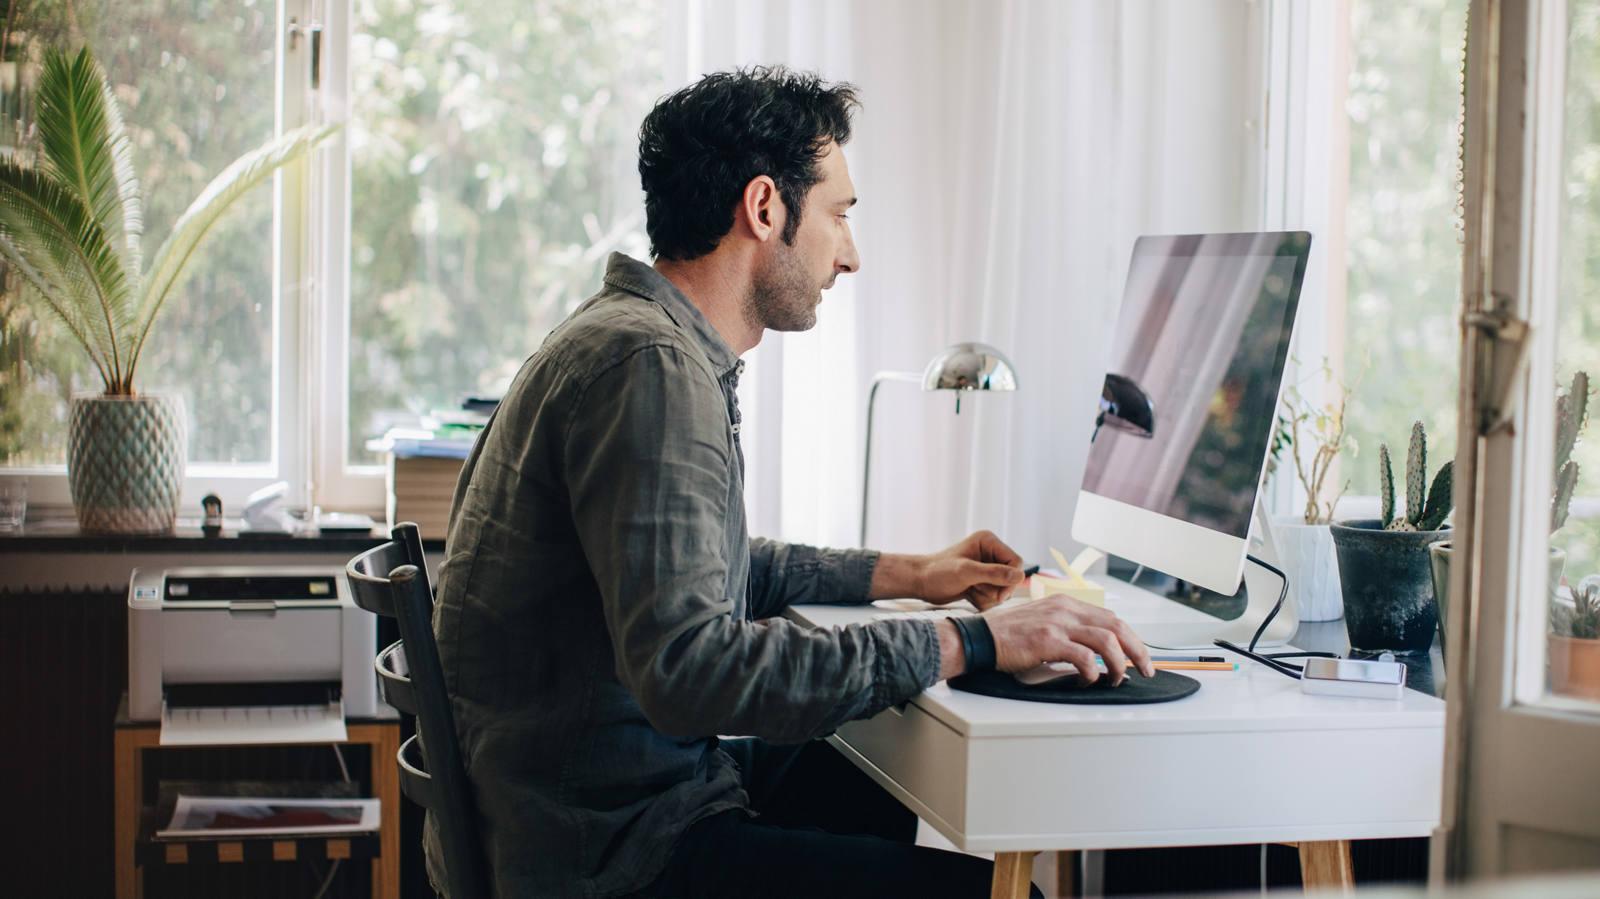 Mann arbeitet am Computer im Homeoffice